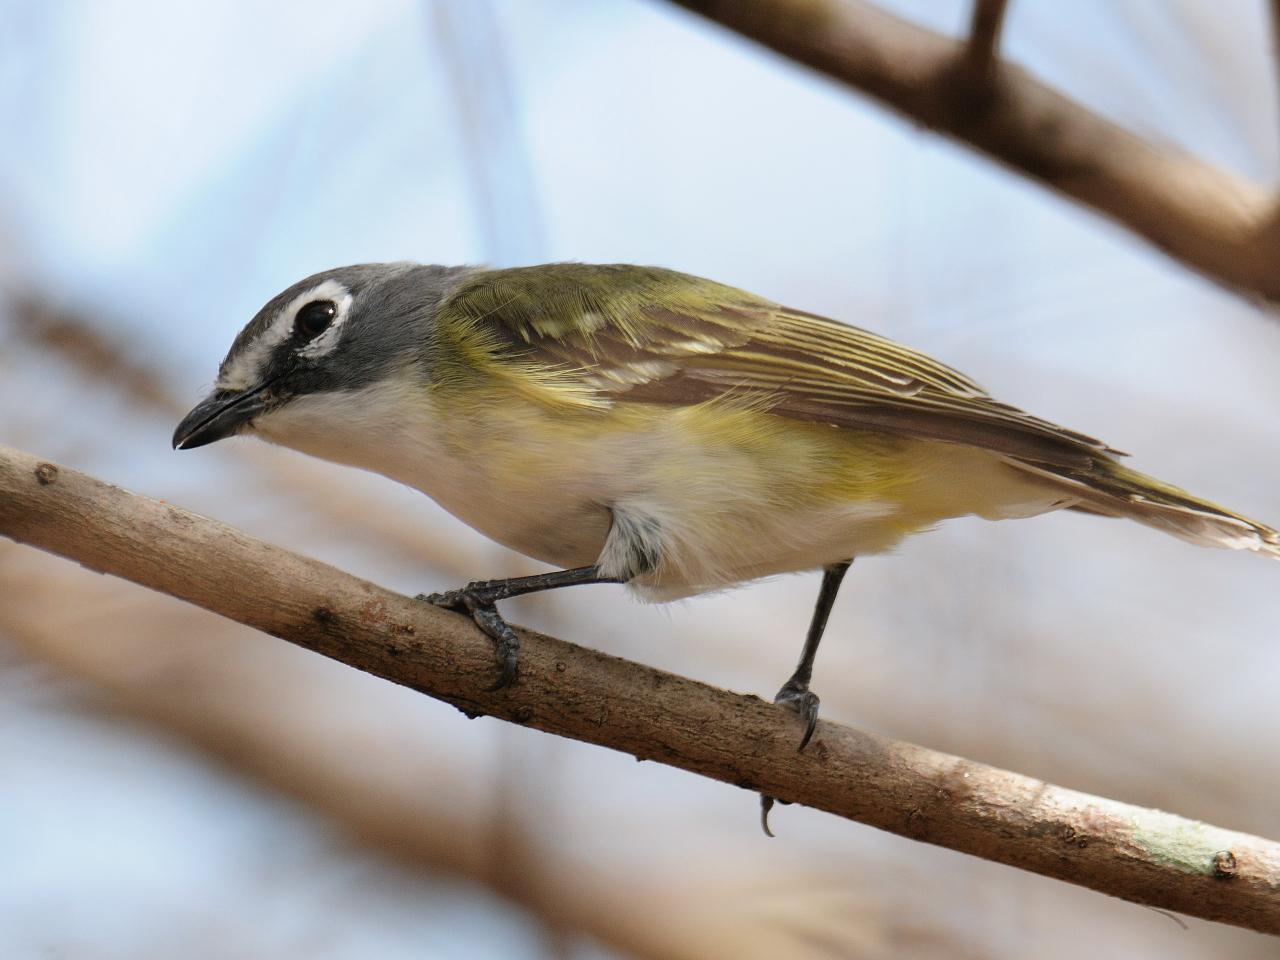 Yellow jay bird